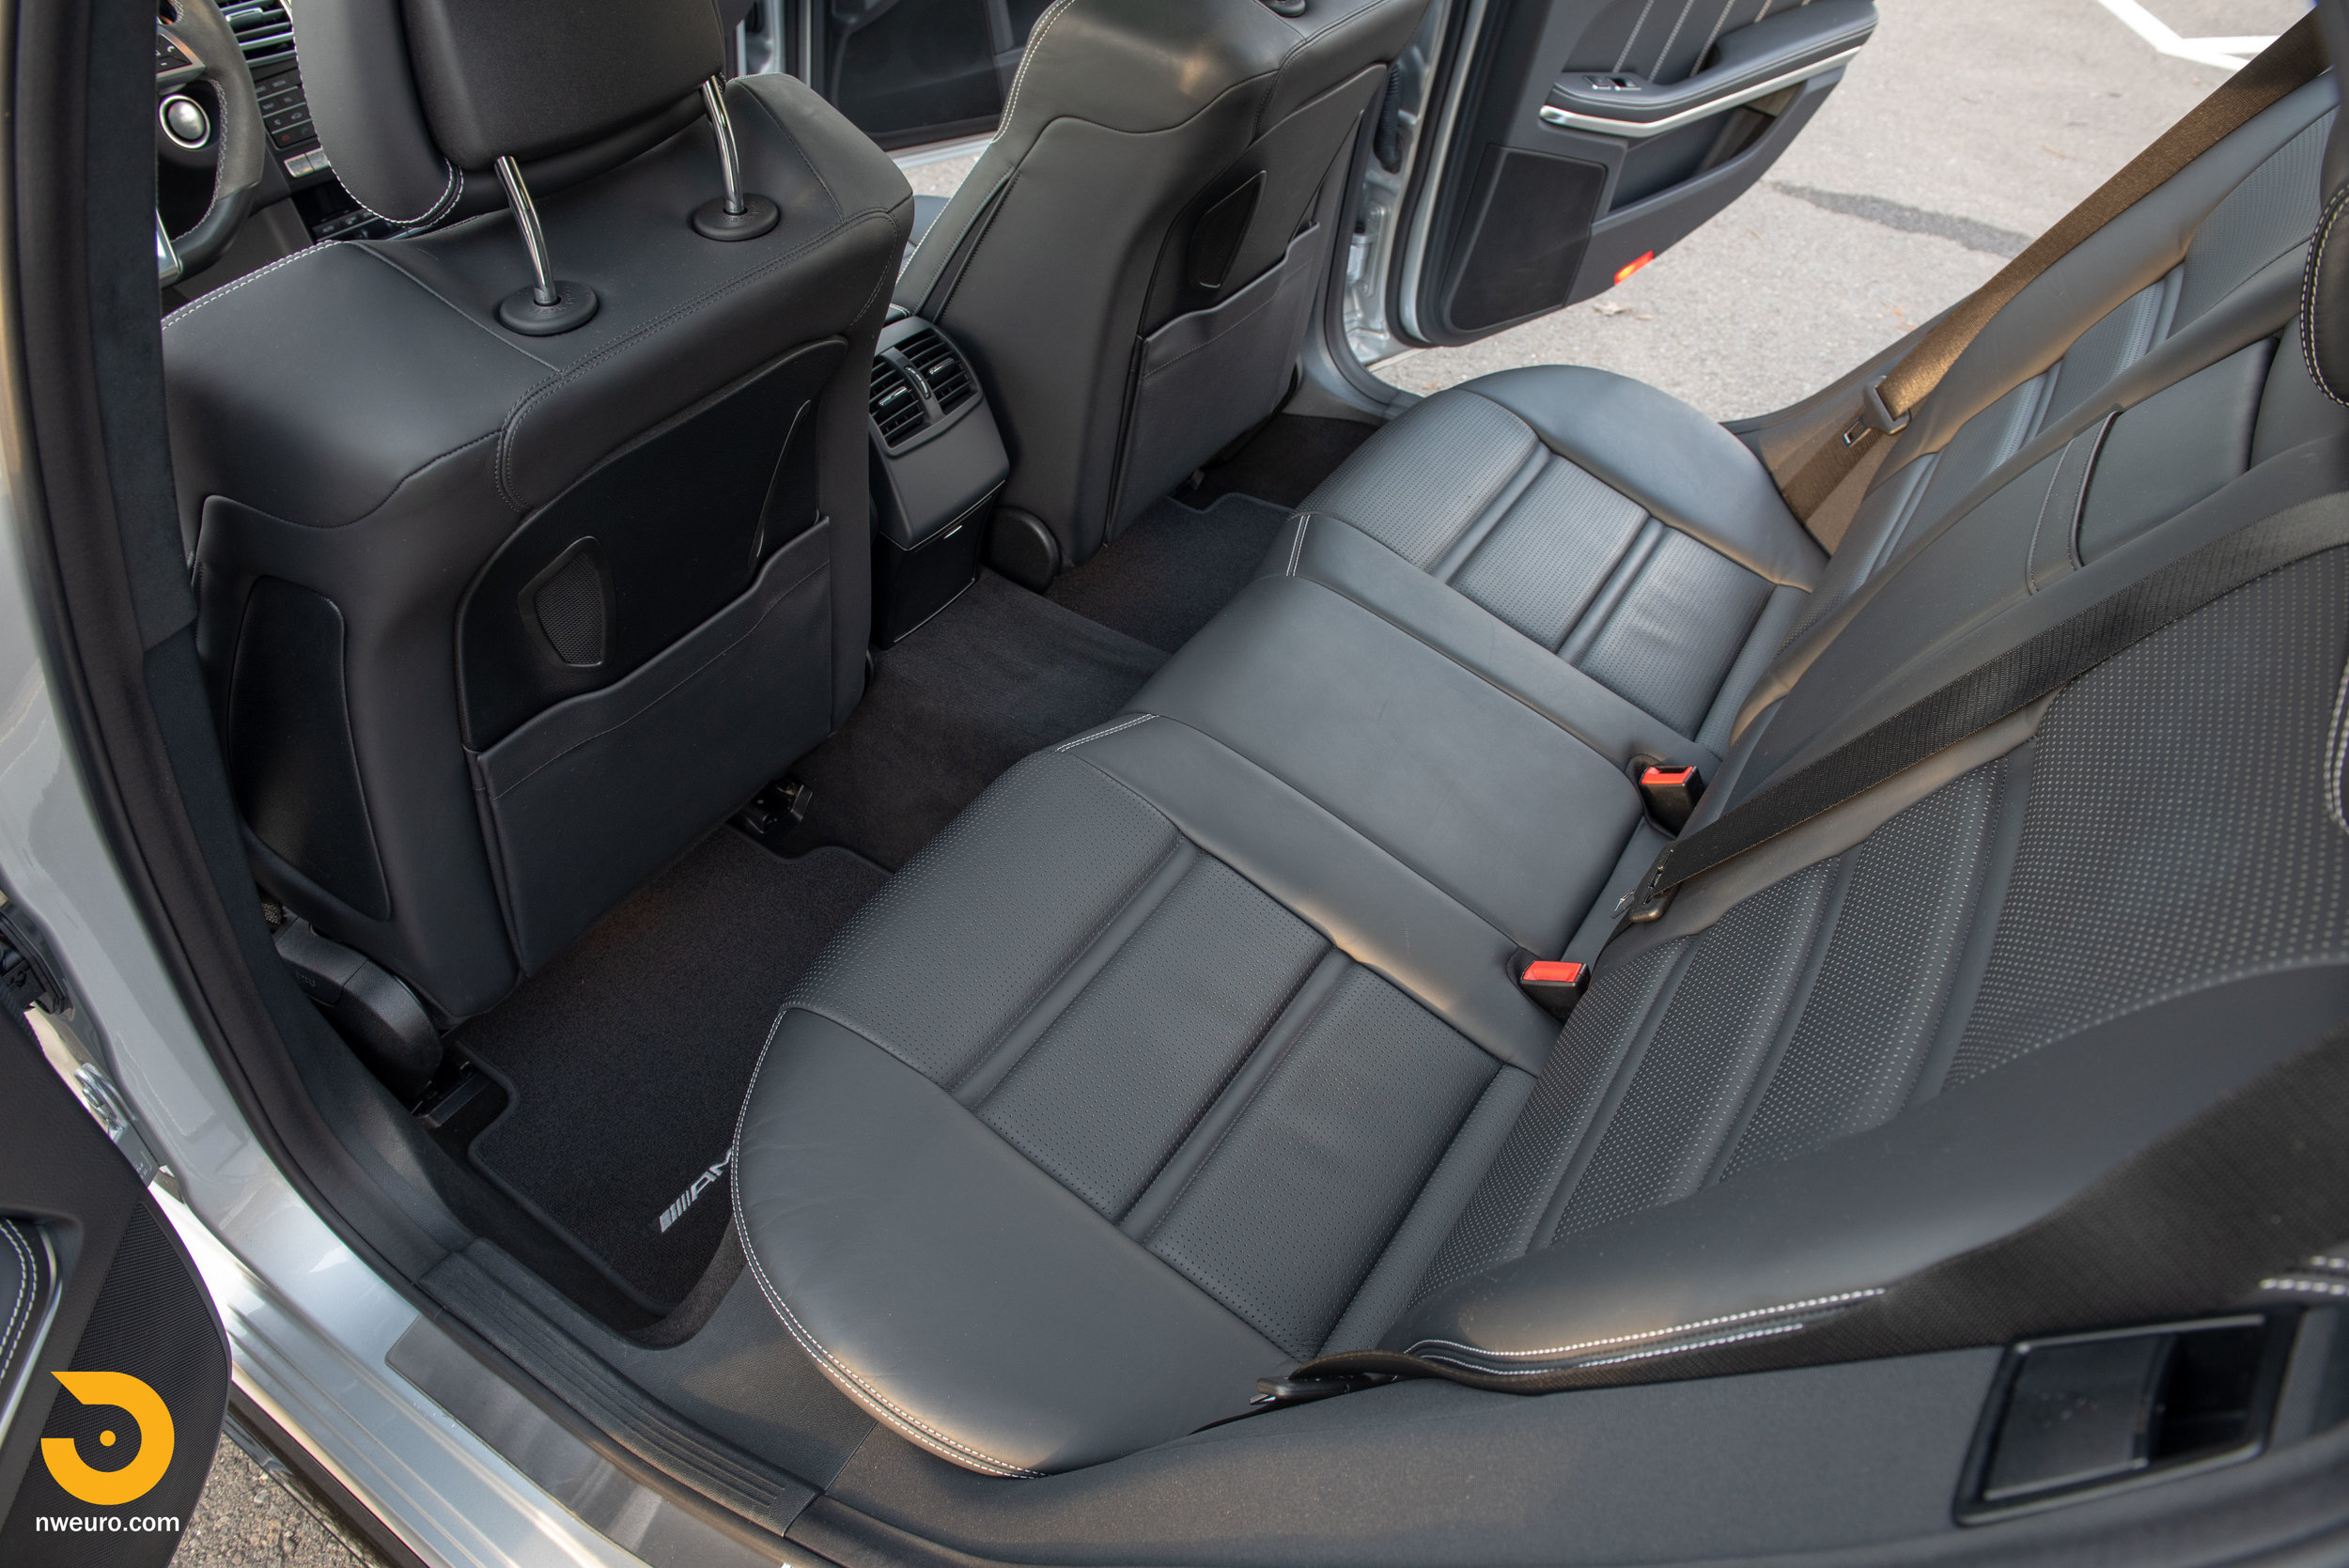 2016 Mercedes-Benz E63S Wagon-45.jpg